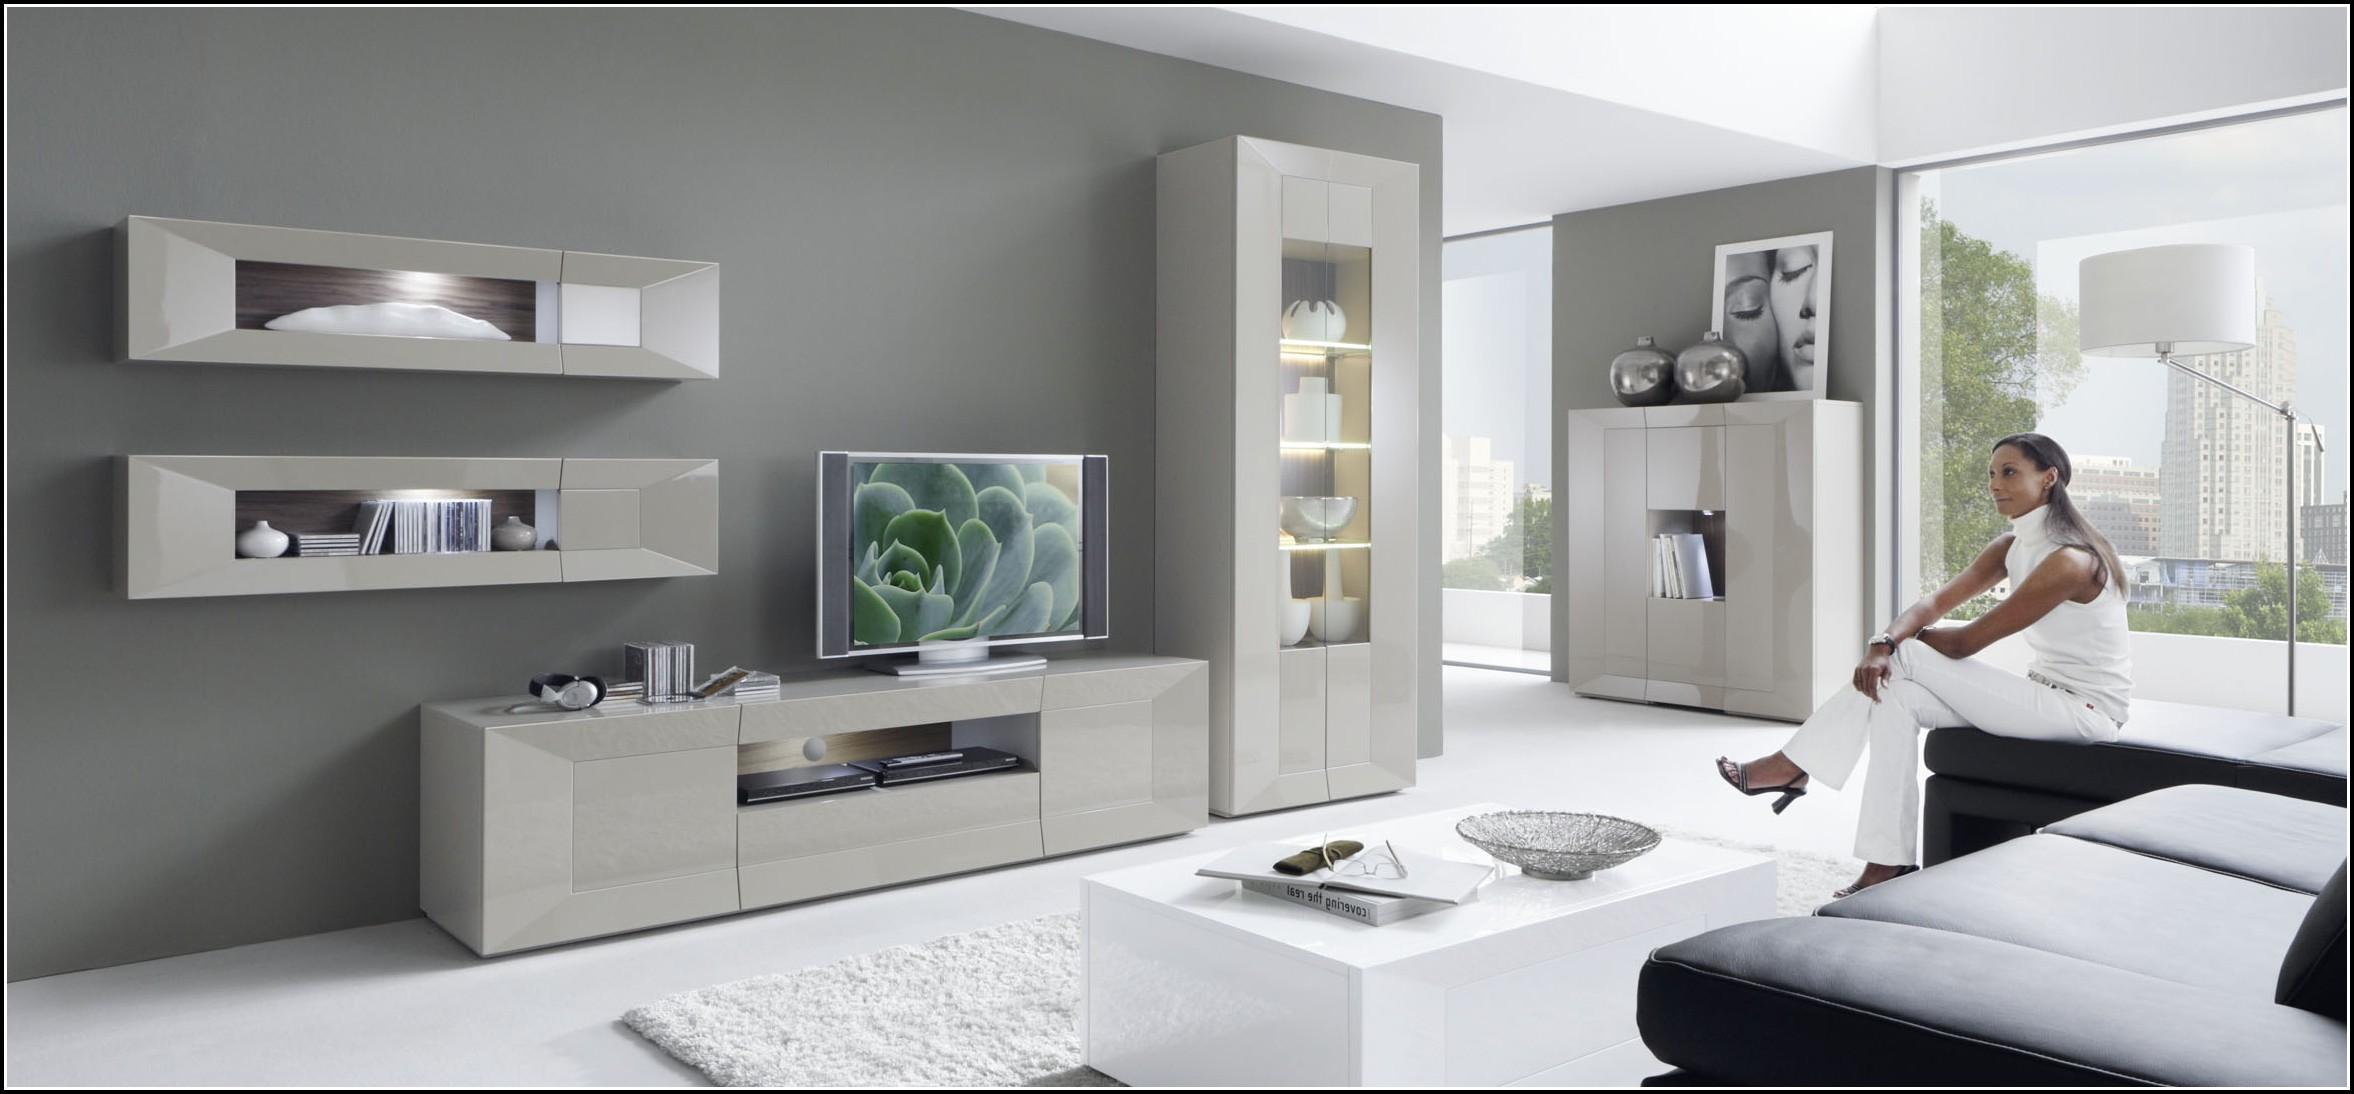 Bilder Wohnzimmer Ideen